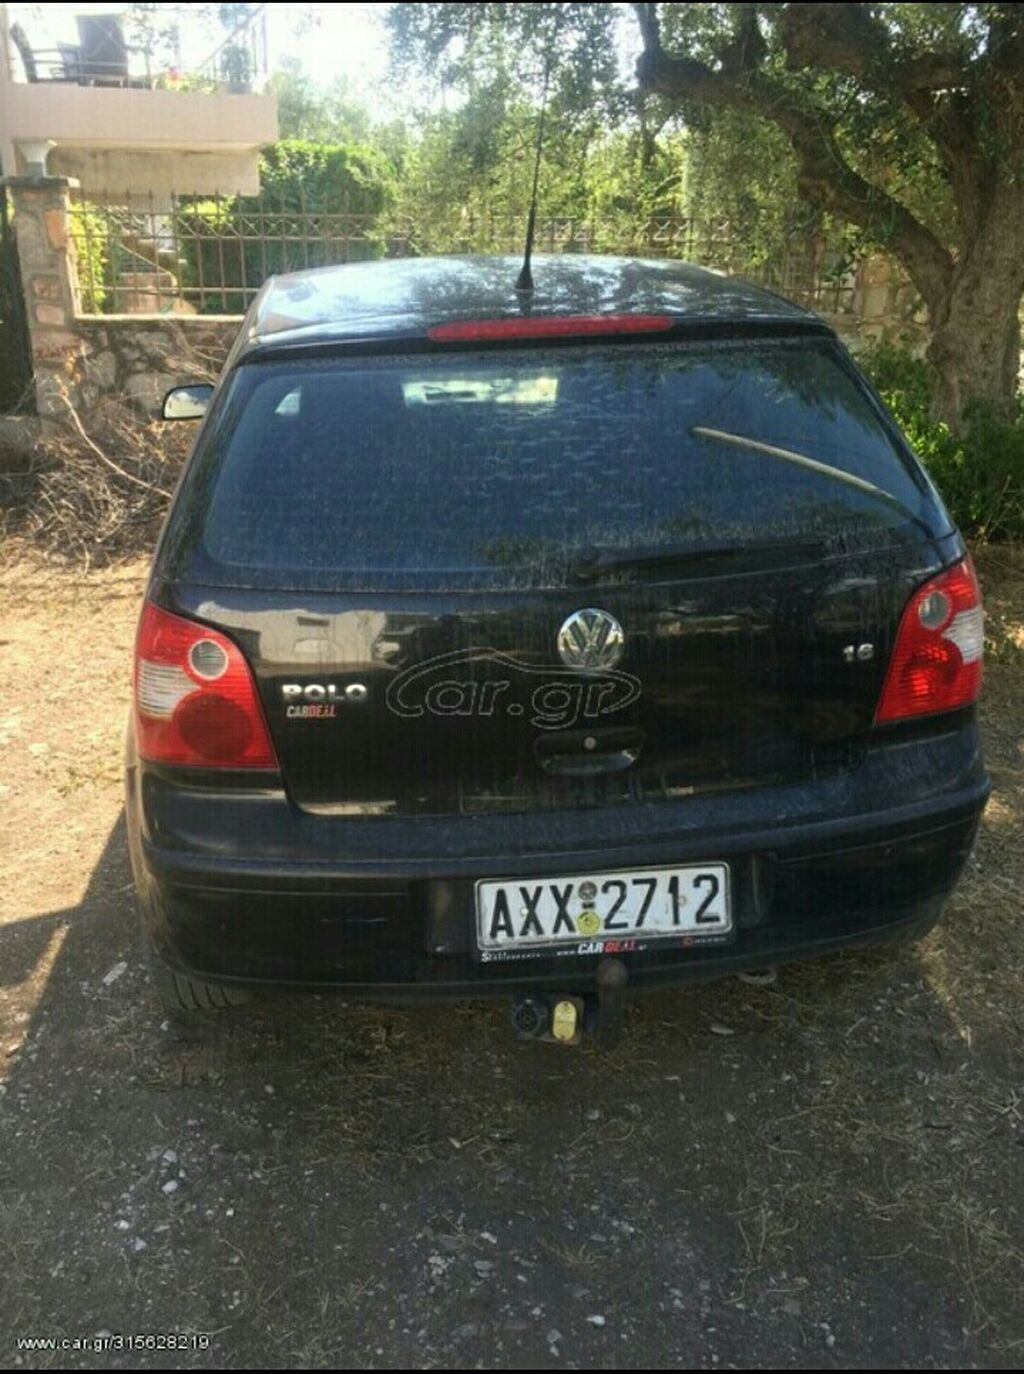 Volkswagen 1.4 l. 2003 | 195000 km | η αγγελία δημοσιεύτηκε 09 Σεπτέμβριος 2021 14:34:52 | VOLKSWAGEN: Volkswagen 1.4 l. 2003 | 195000 km